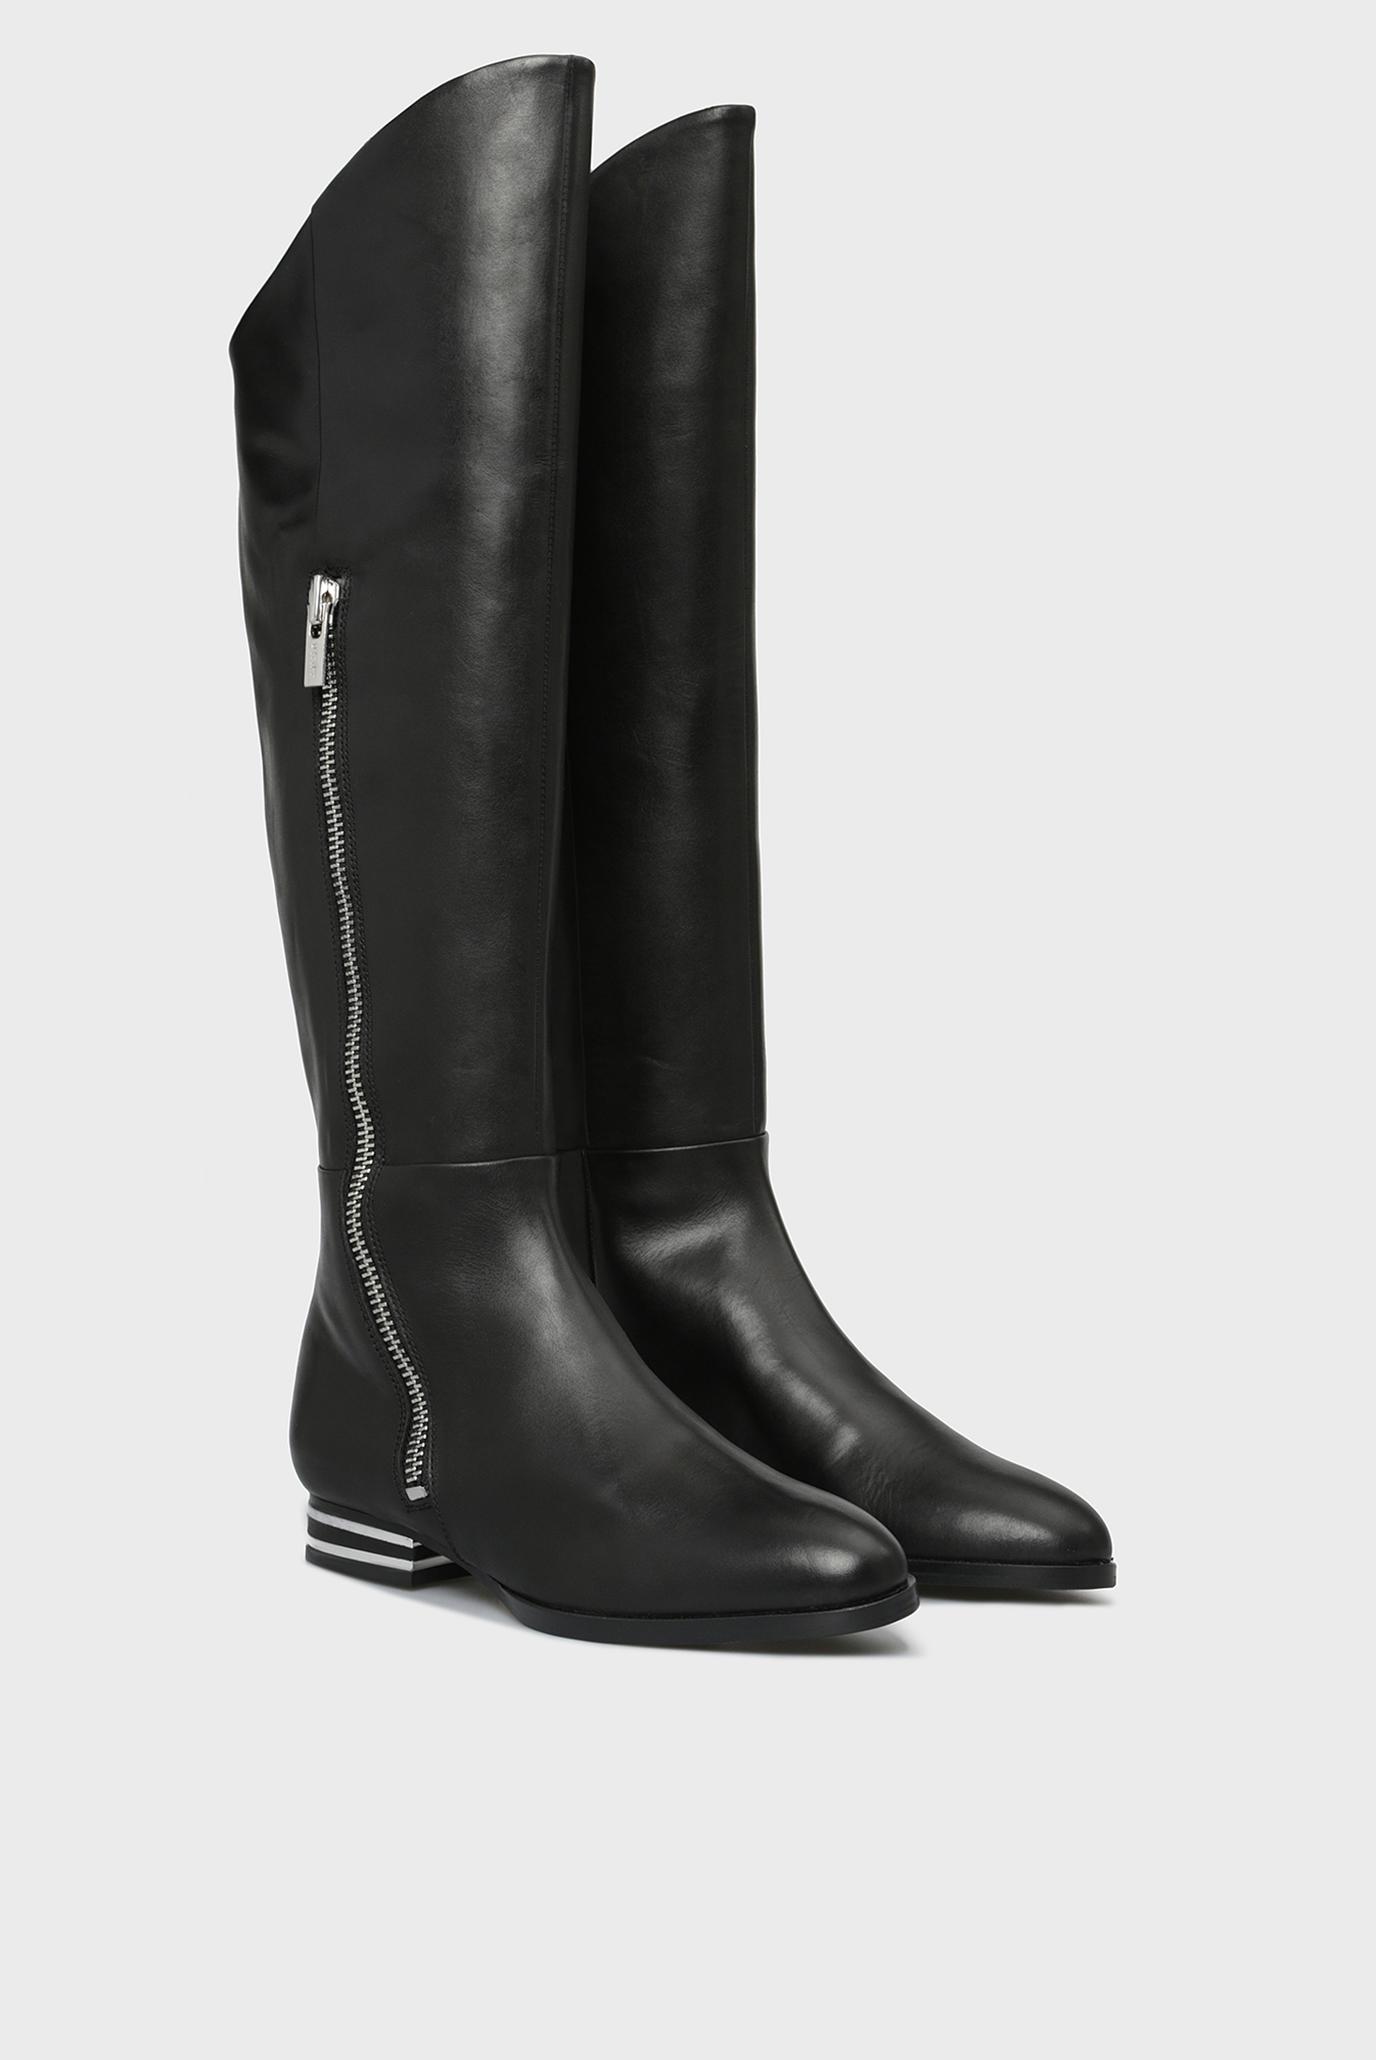 Купить Женские черные кожаные сапоги LOLITA DKNY DKNY K3869335 – Киев, Украина. Цены в интернет магазине MD Fashion